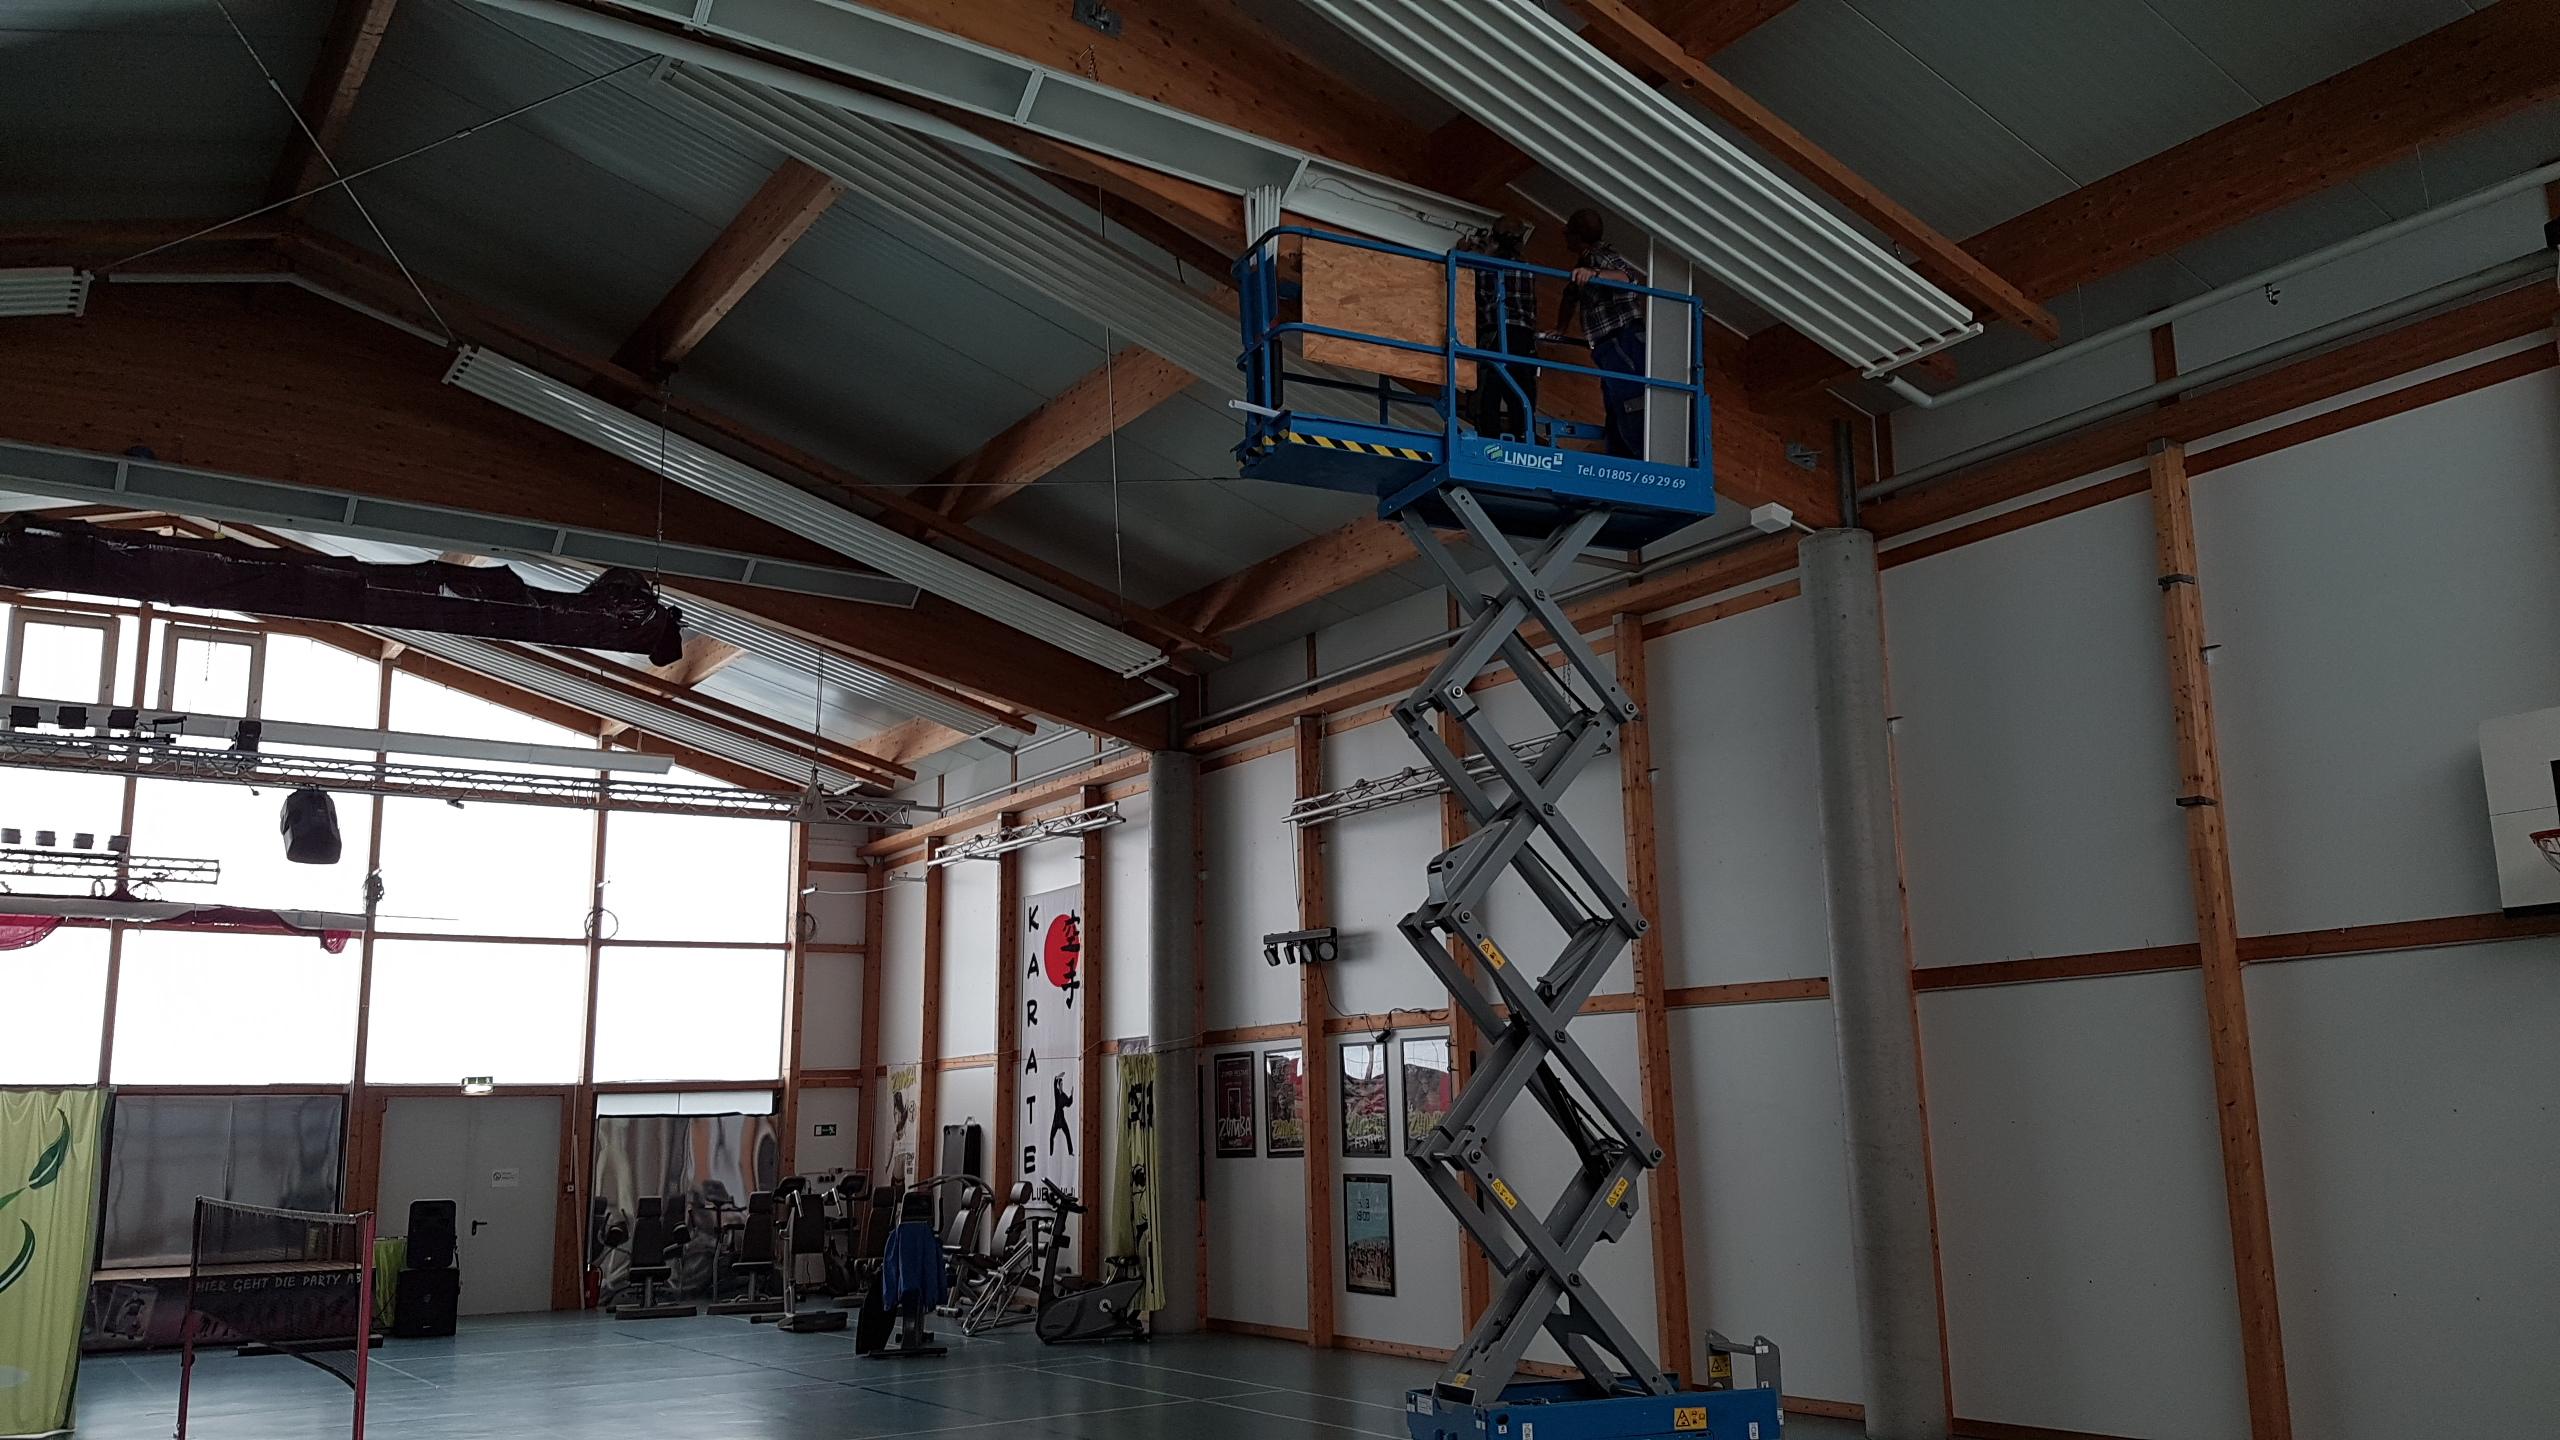 herzlich willkommen im sportcenter fitness in suhl. Black Bedroom Furniture Sets. Home Design Ideas